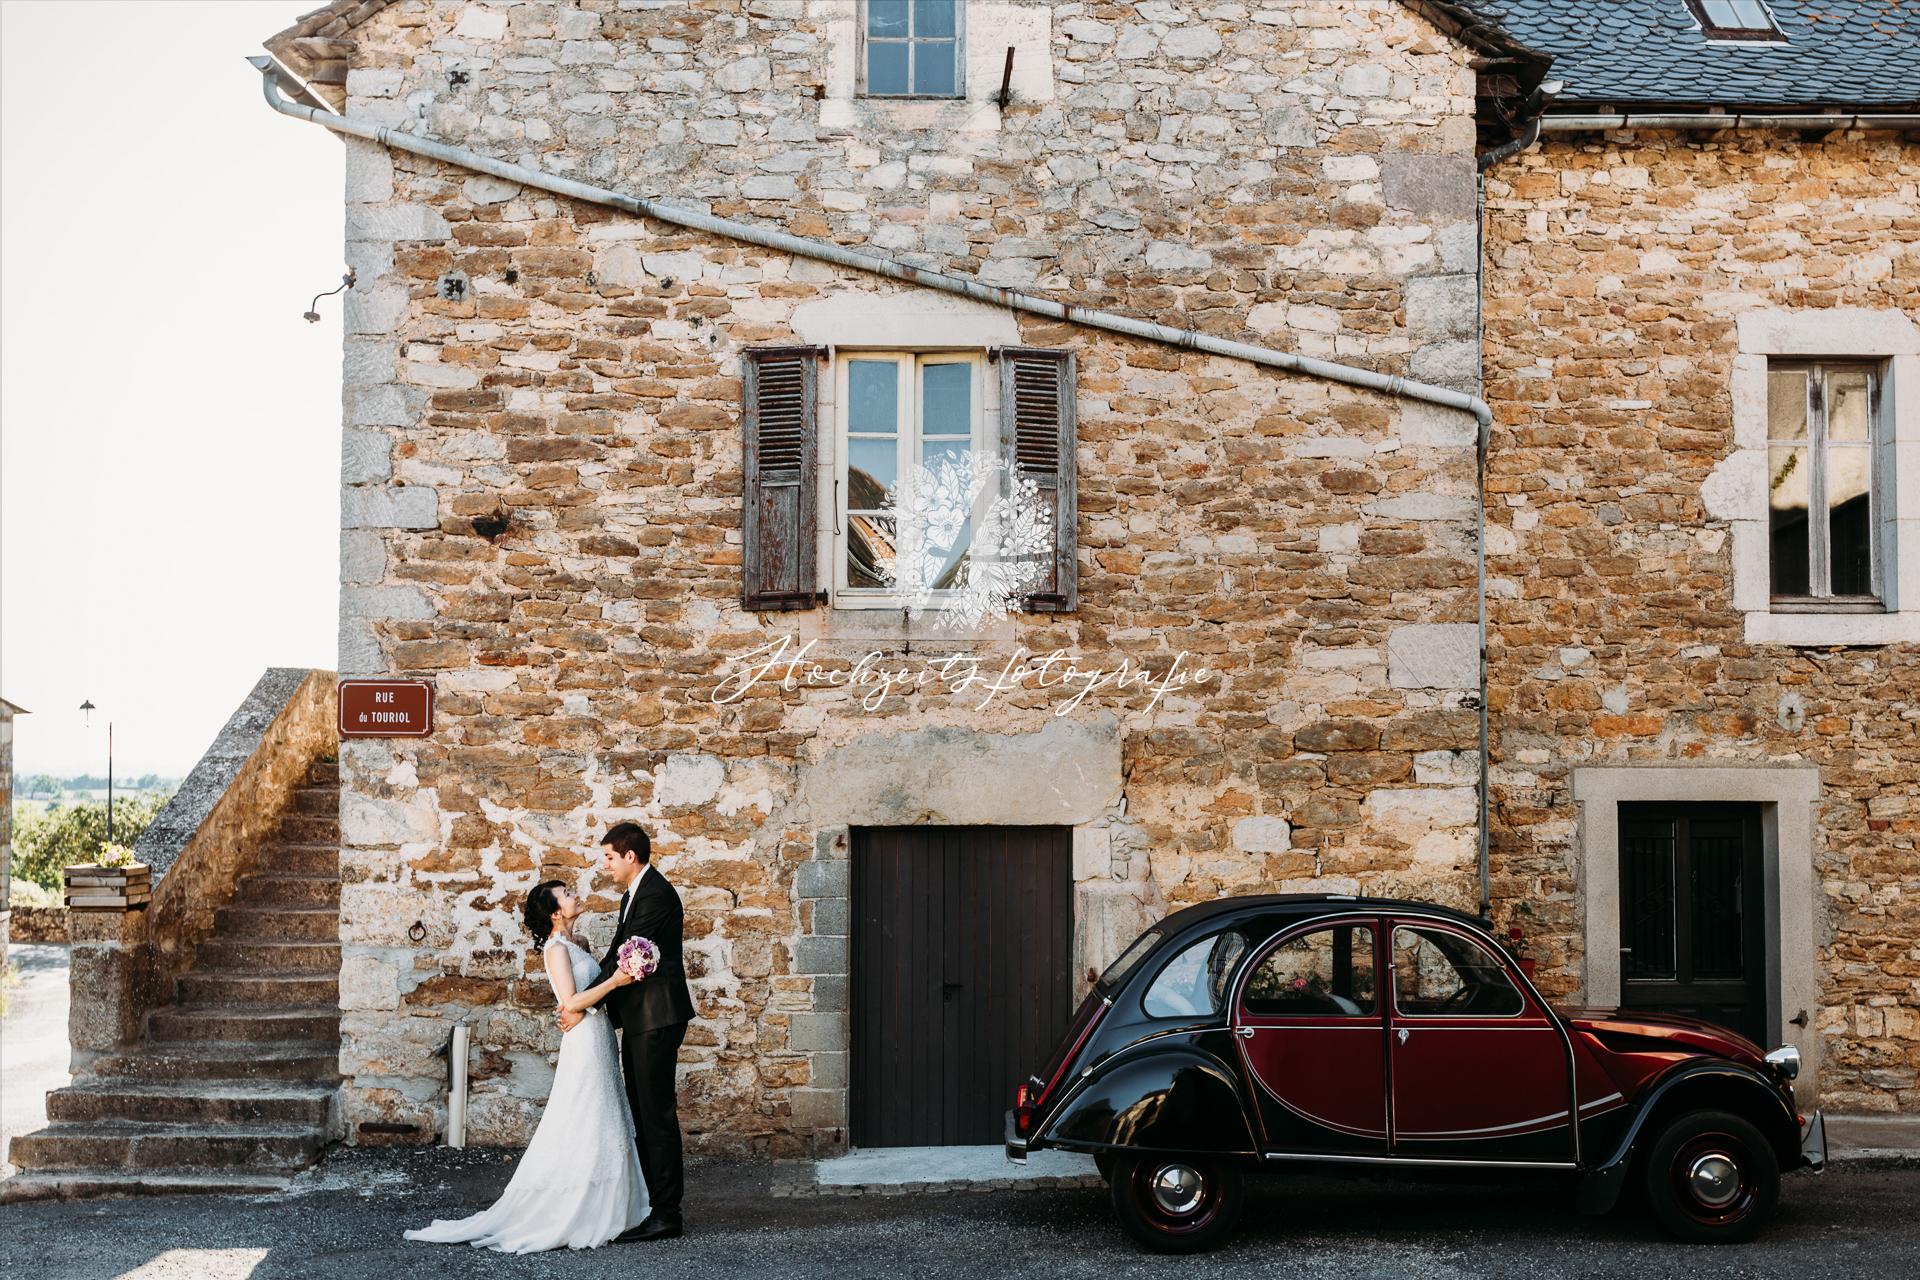 fotonen_Hochzeitsfotograf_leipzig-france_wedding